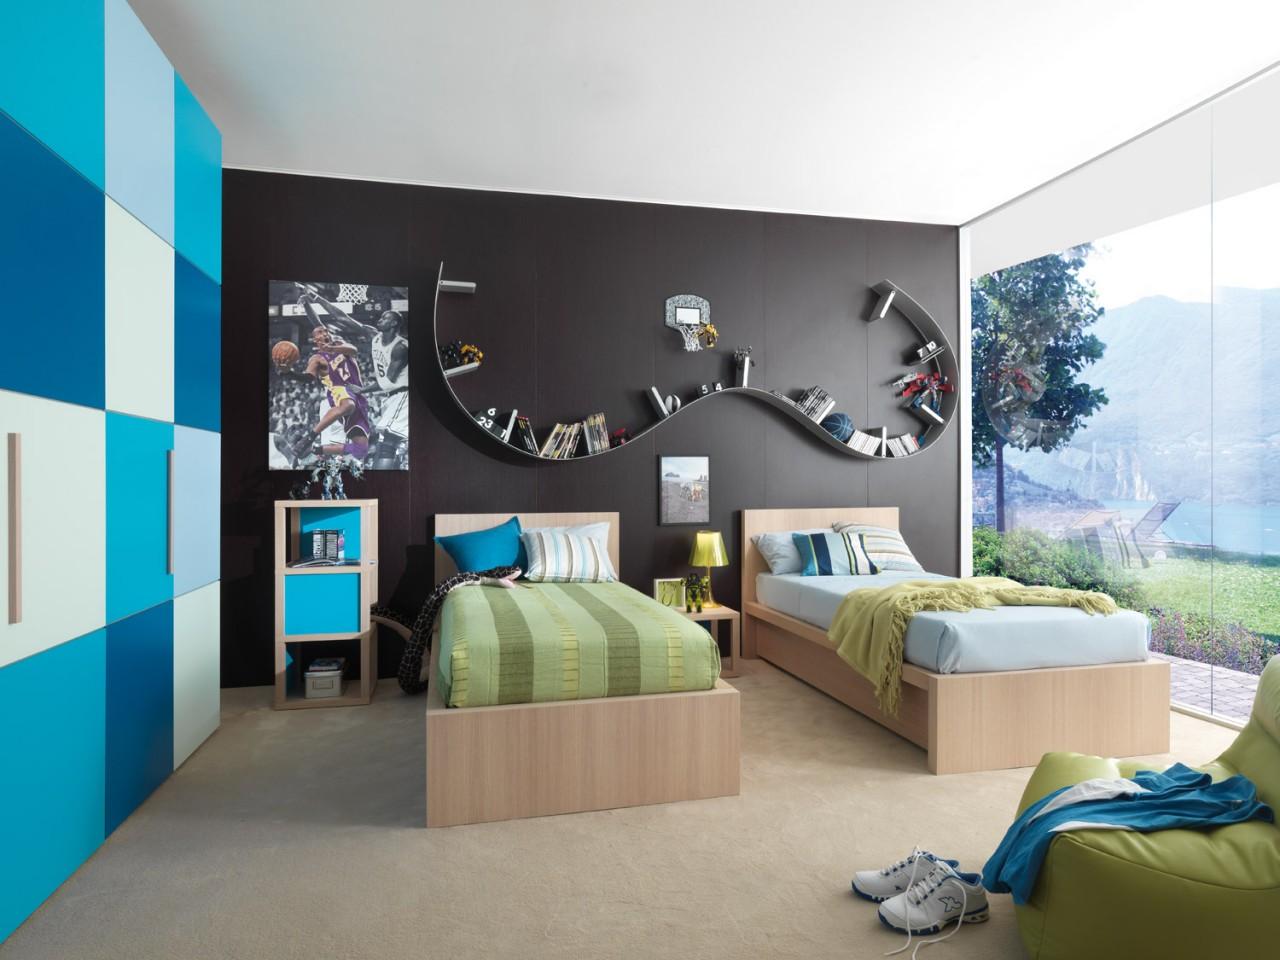 Fotos de dormitorios juveniles para dos chicos - Decoracion de habitaciones con fotos ...